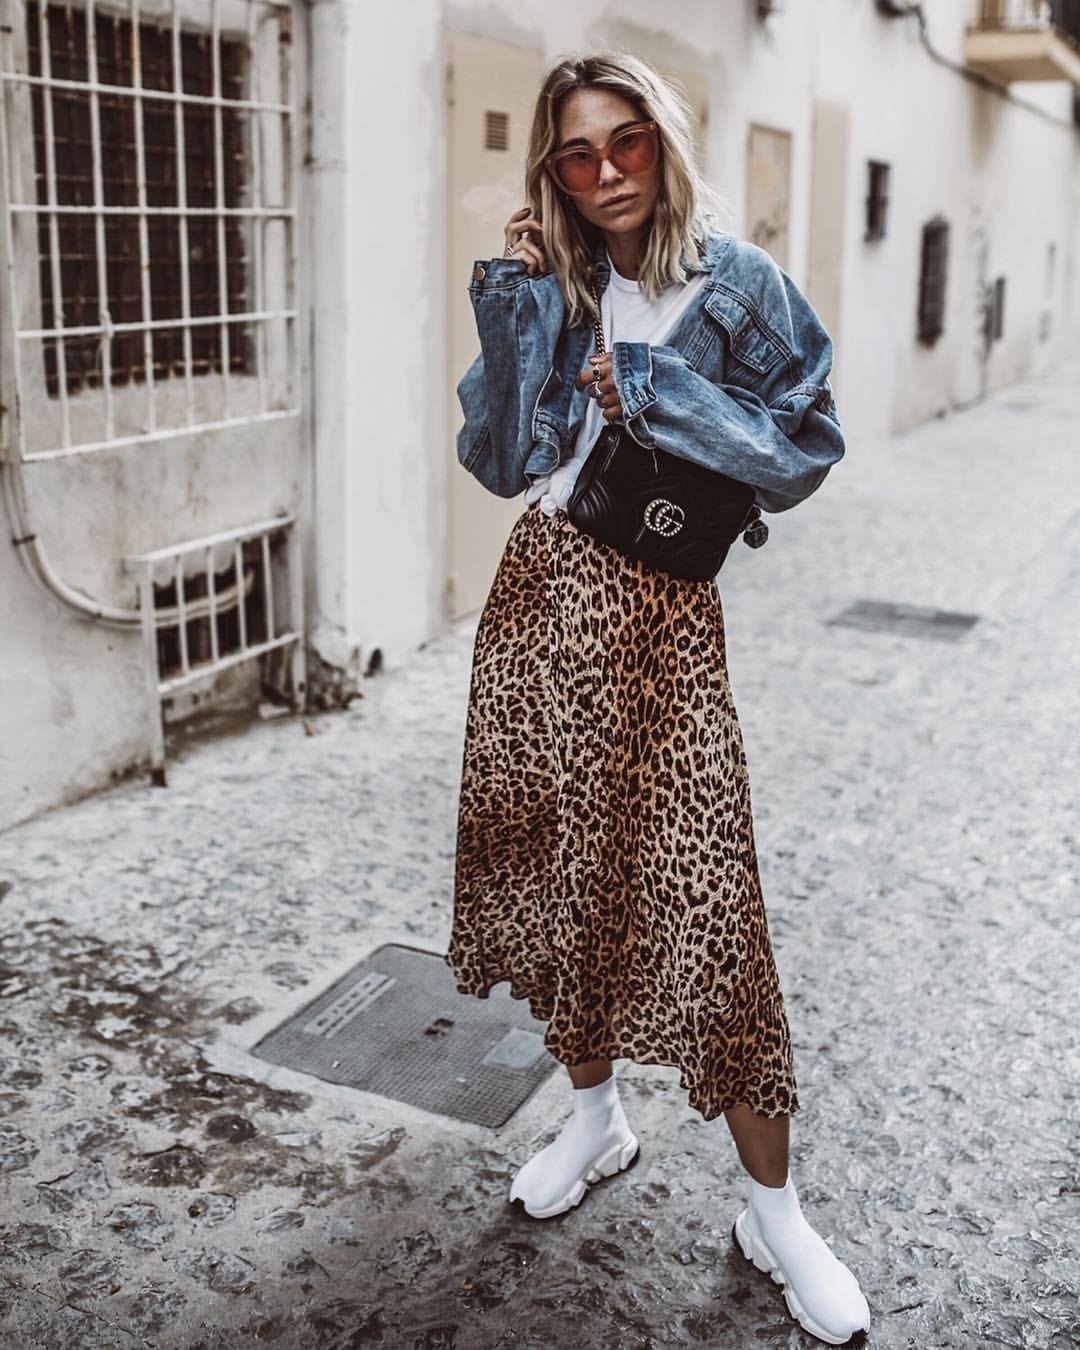 طرق لبس الجاكيت الجينز مع الجونلة - الجاكيت الجينز مع الجيبة التايجر